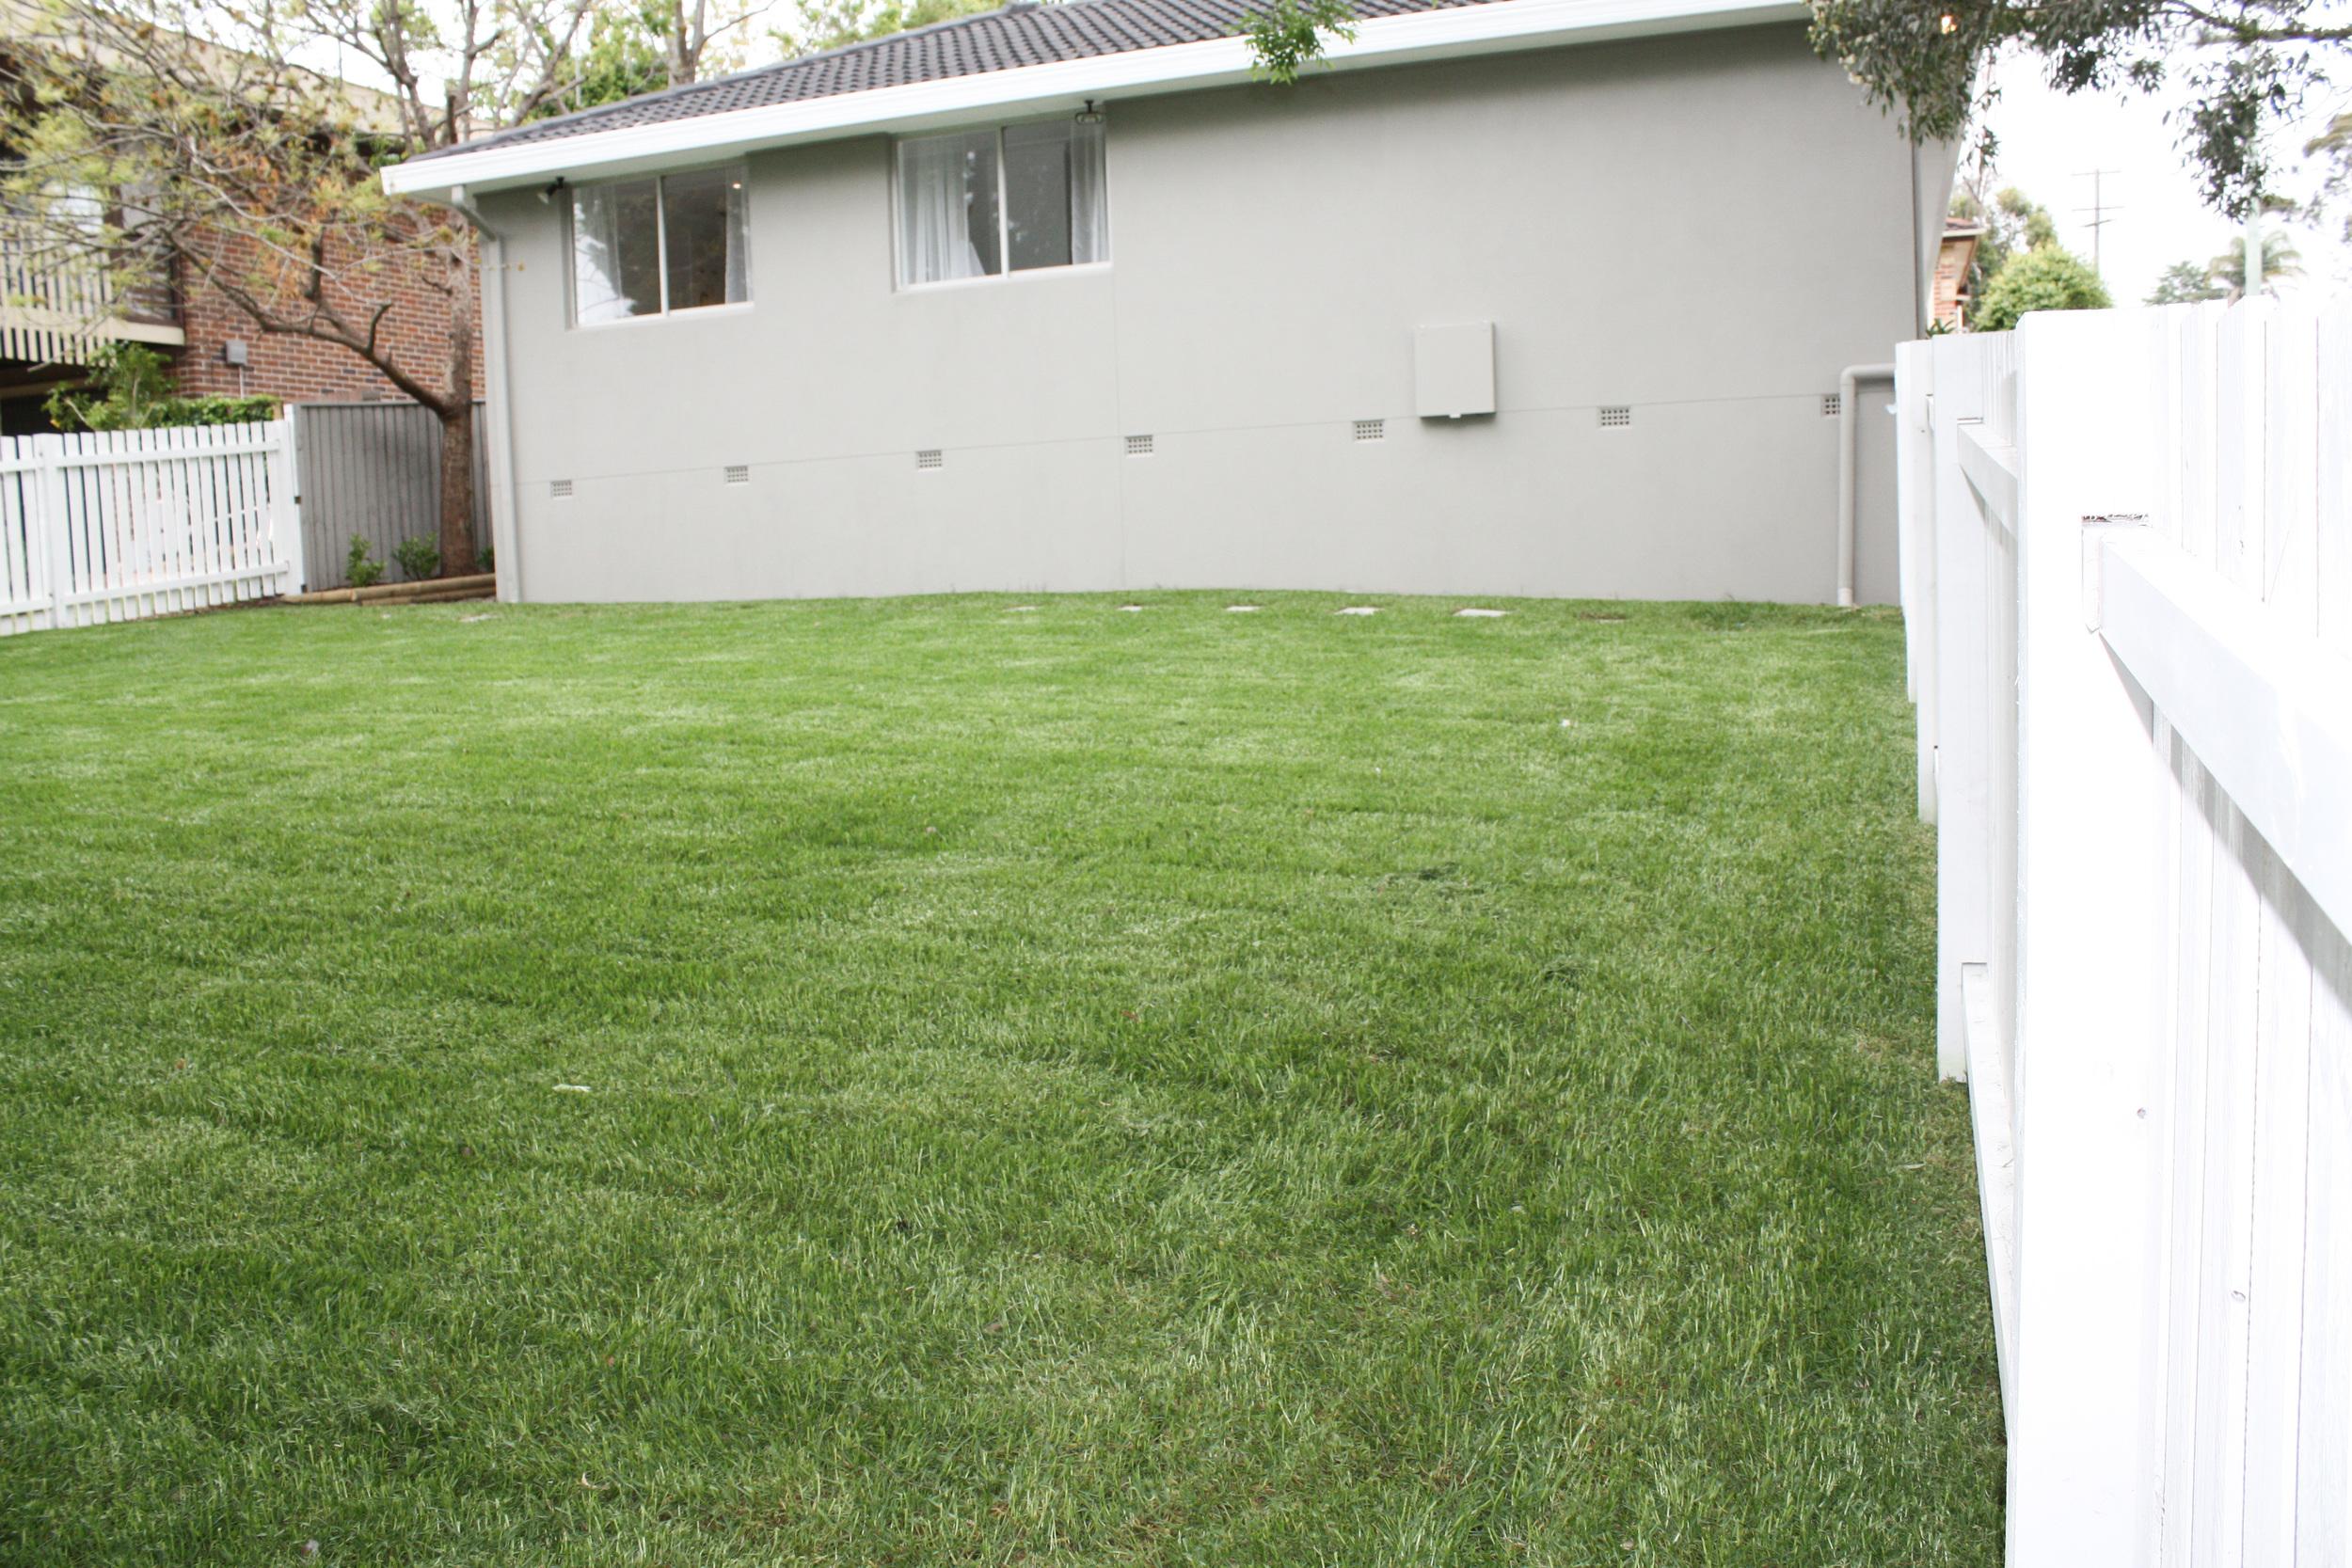 backyard after.jpg